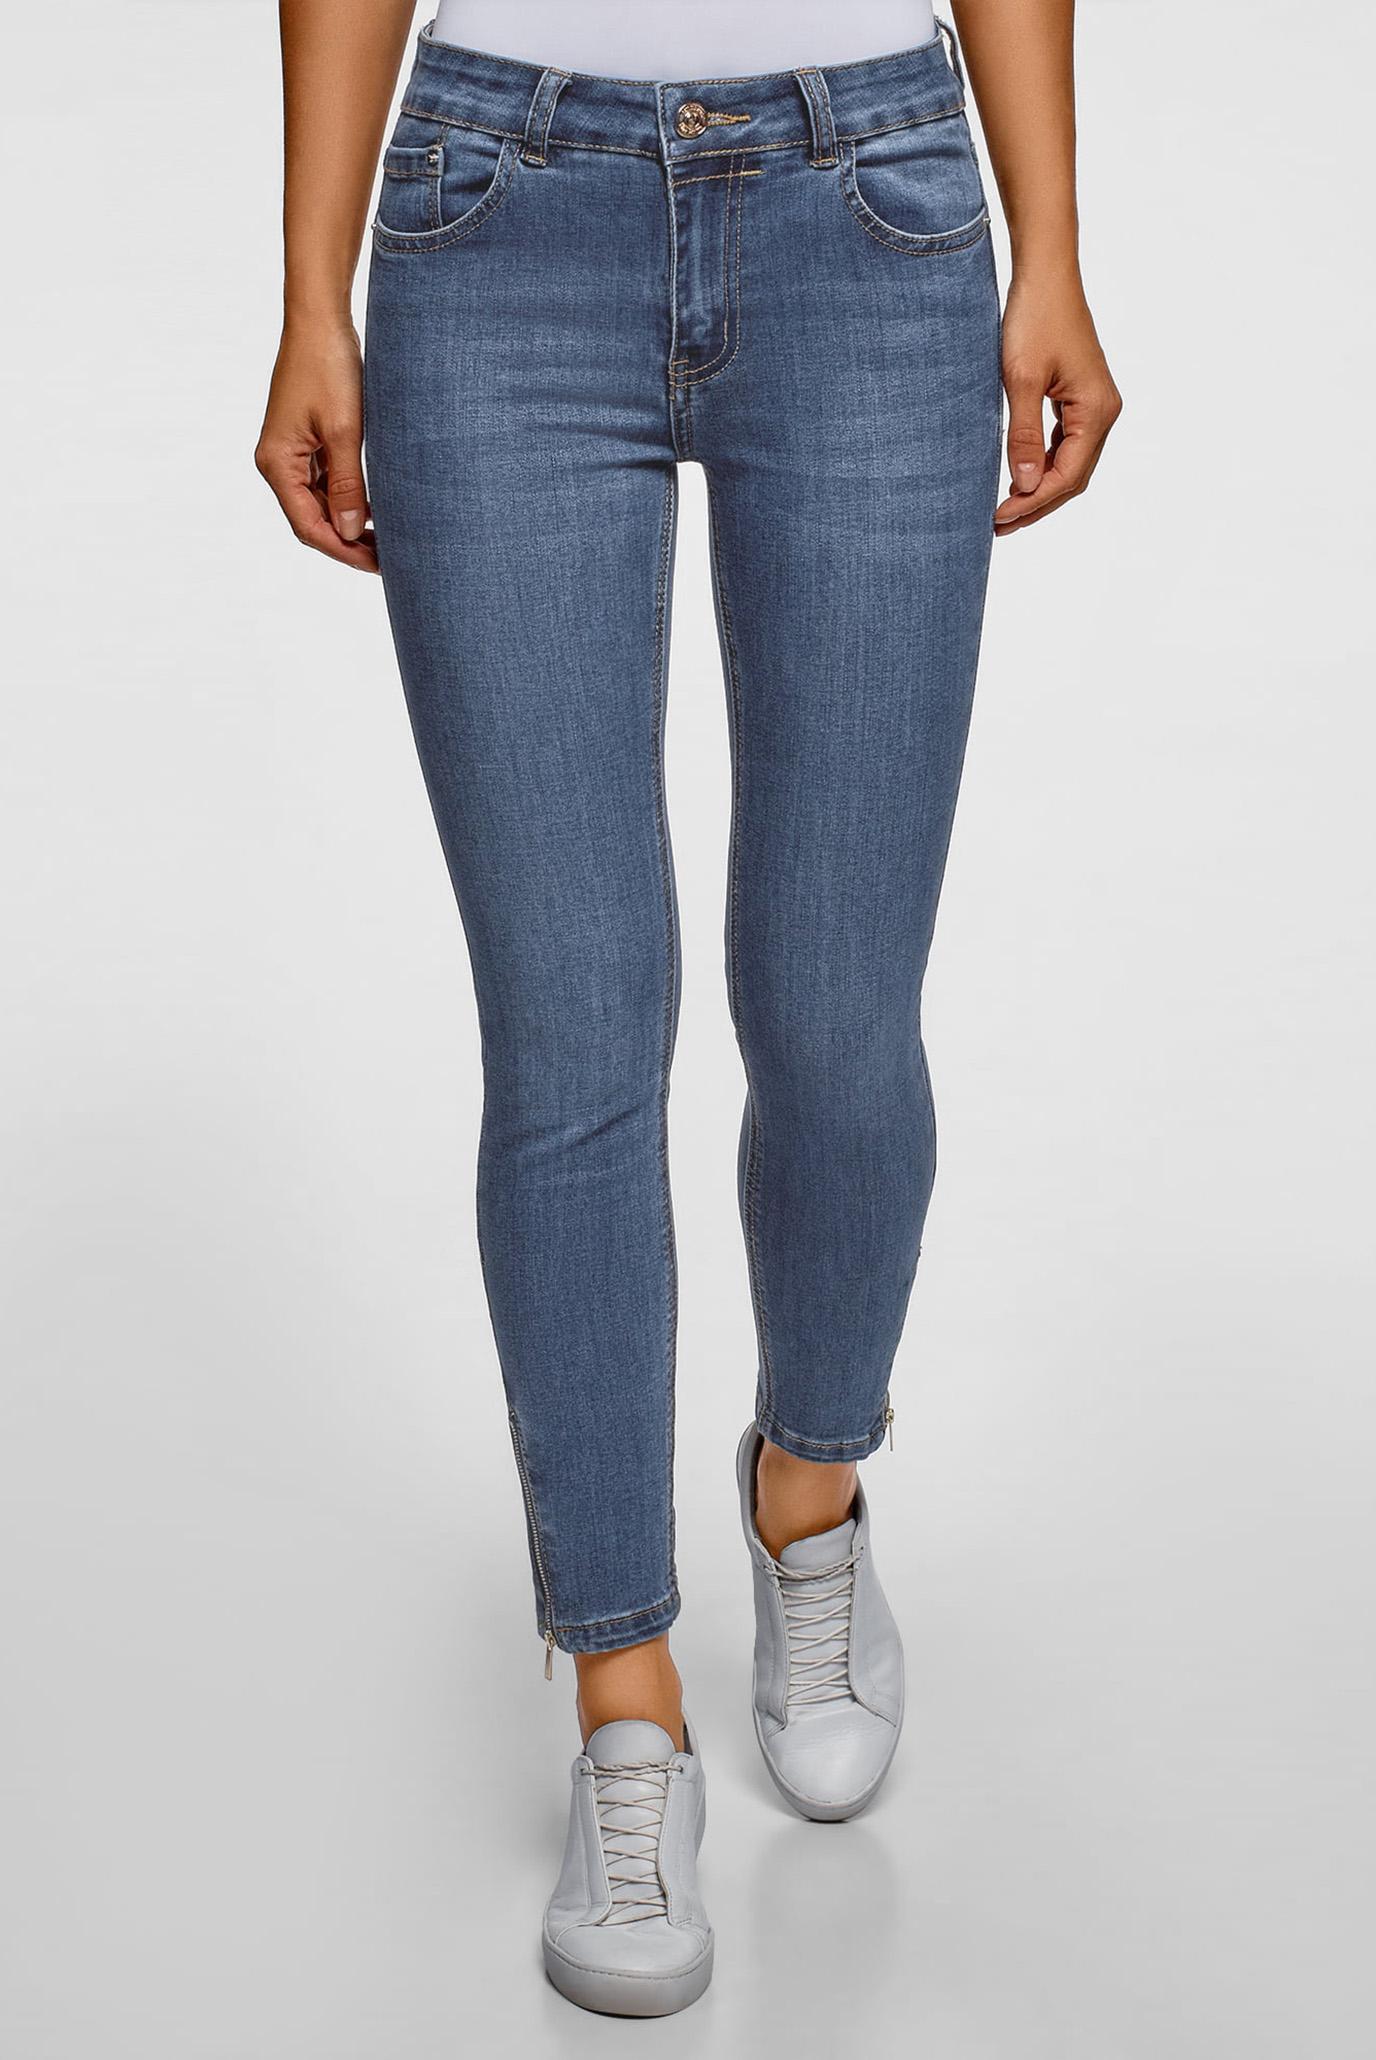 Купить Женские синие джинсы Oodji Oodji 12106150/47546/7500W – Киев, Украина. Цены в интернет магазине MD Fashion